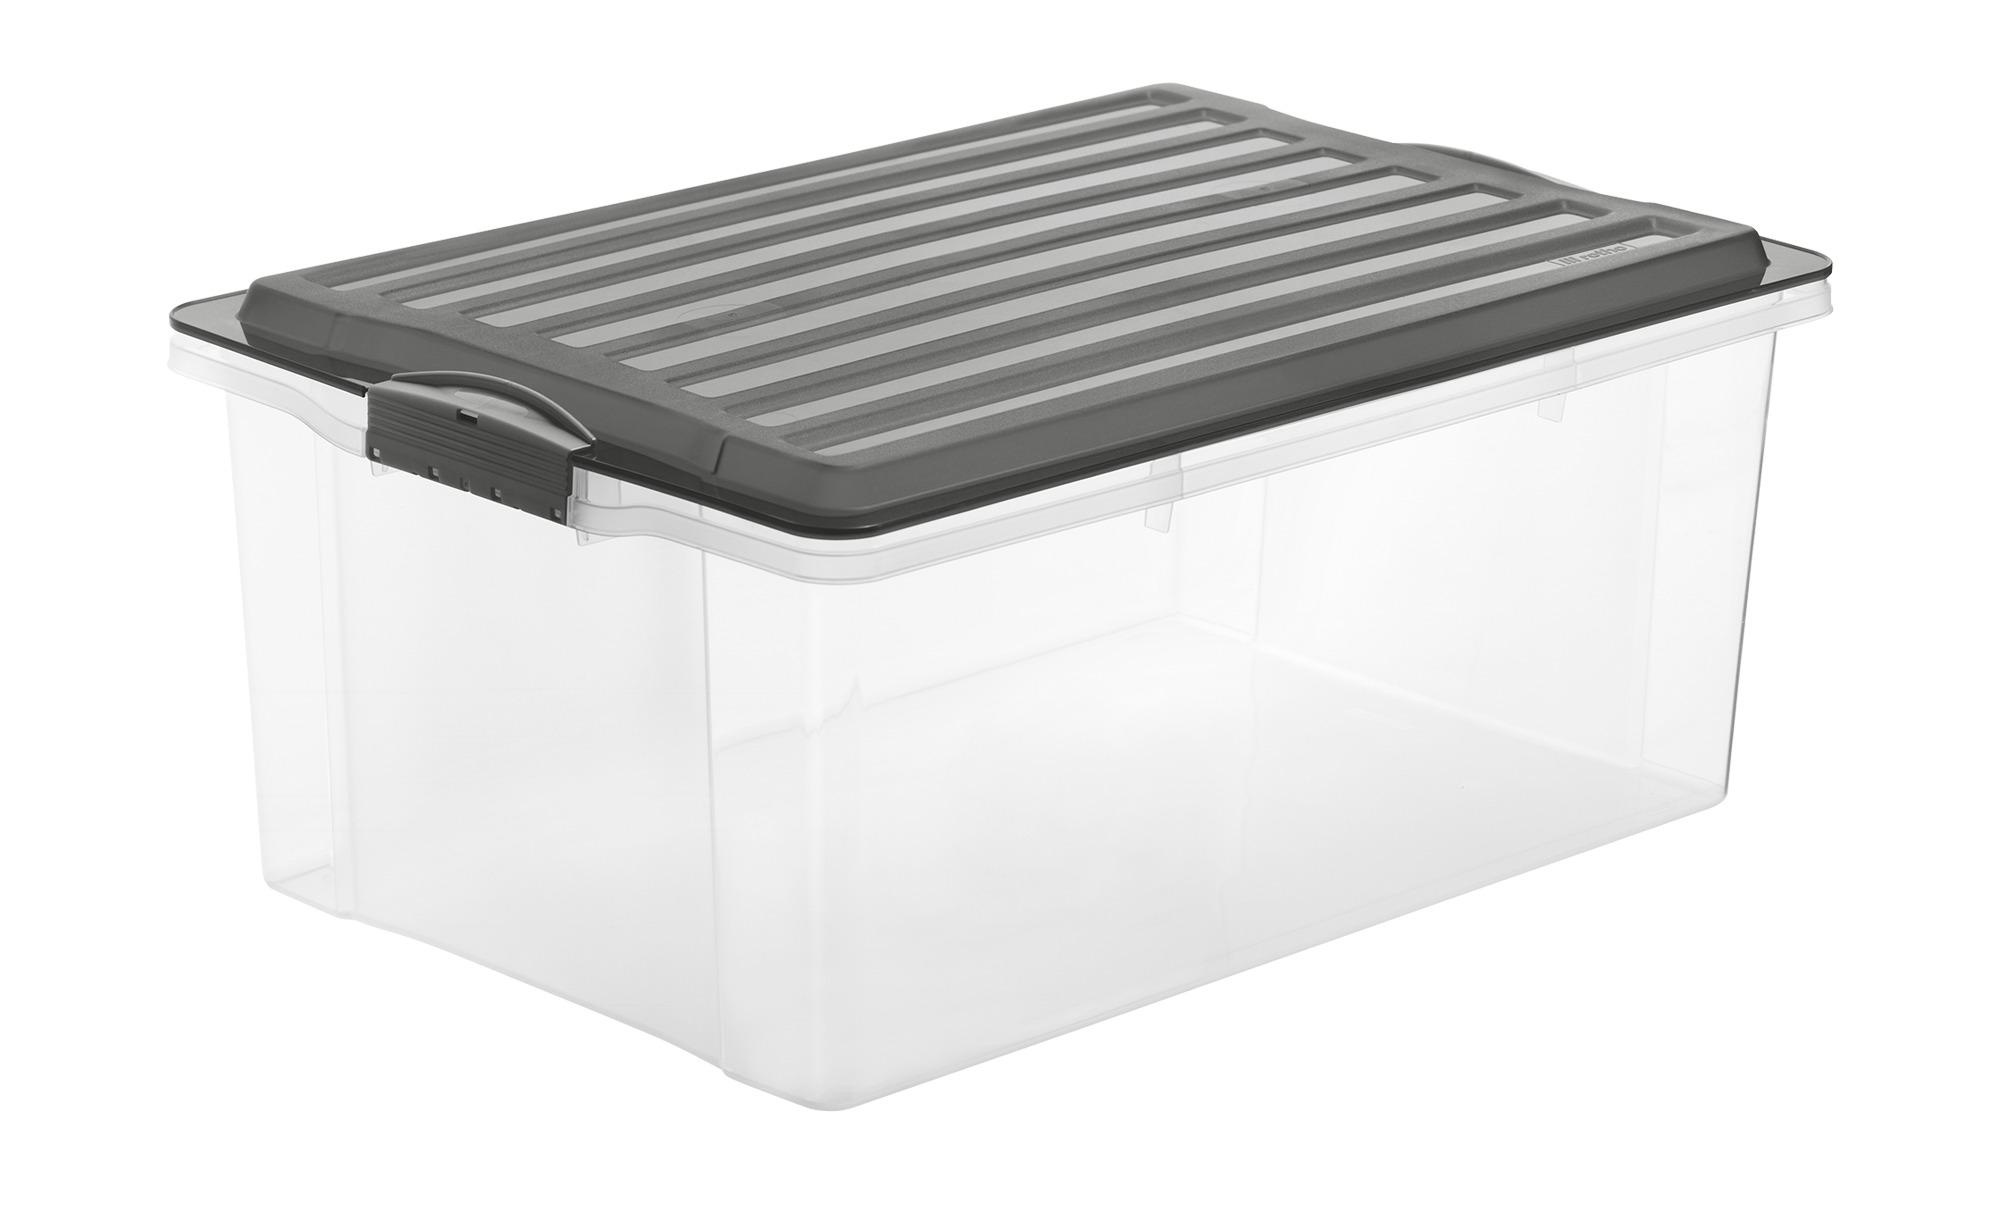 Rotho Aufbewahrungsbox mit Deckel ¦ grau ¦ Kunststoff Regale > Regal-Aufbewahrungsboxen - Höffner